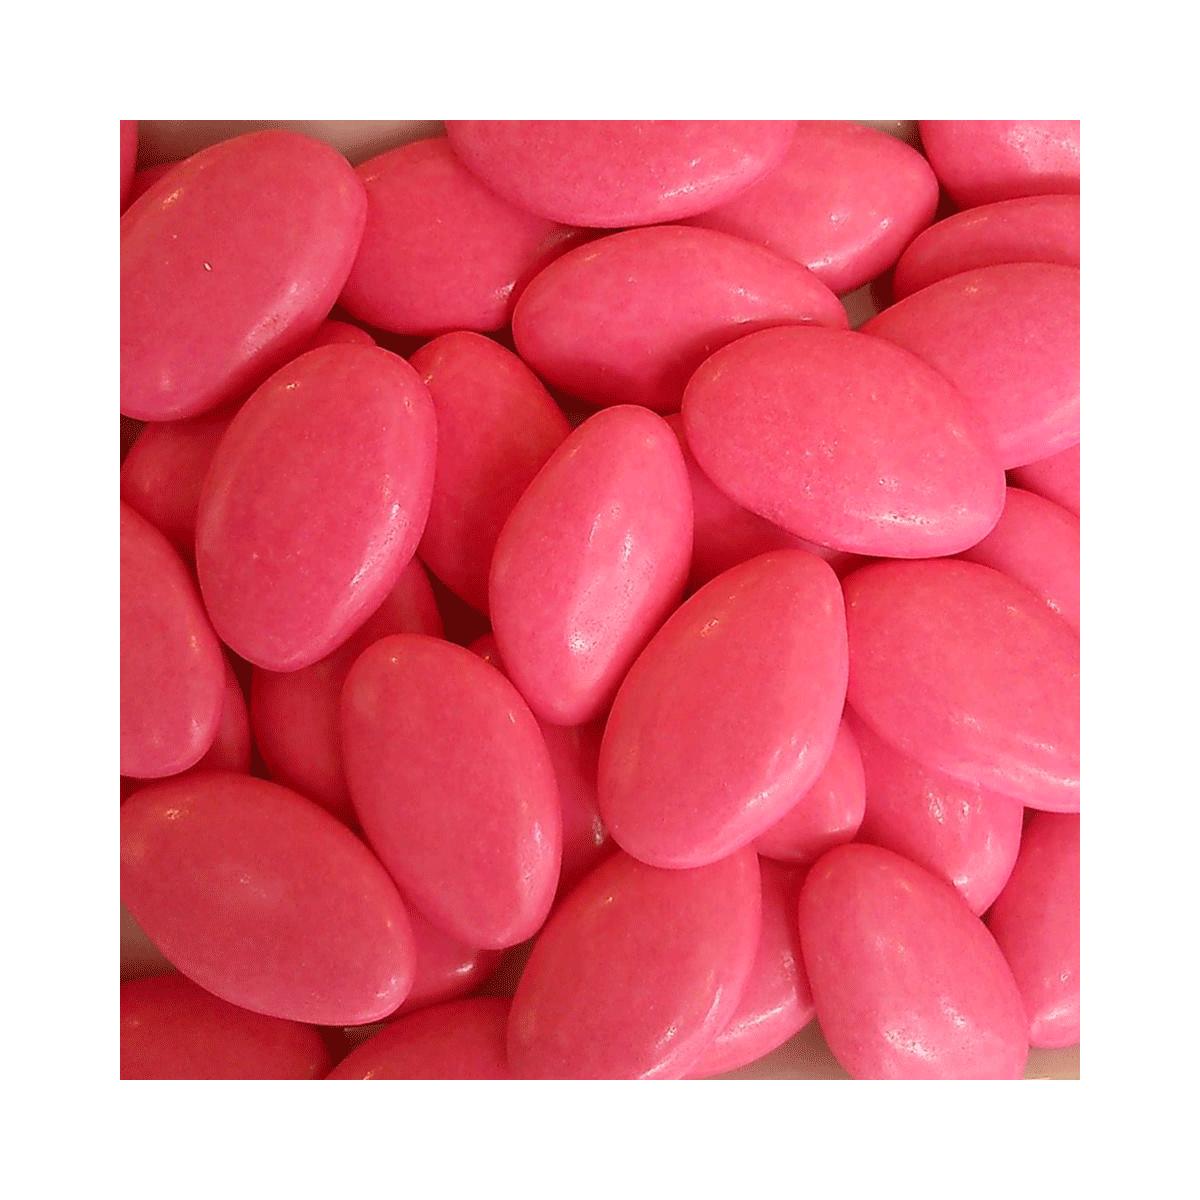 1kg Dragées Pecou Avola Extra - Fuchsia